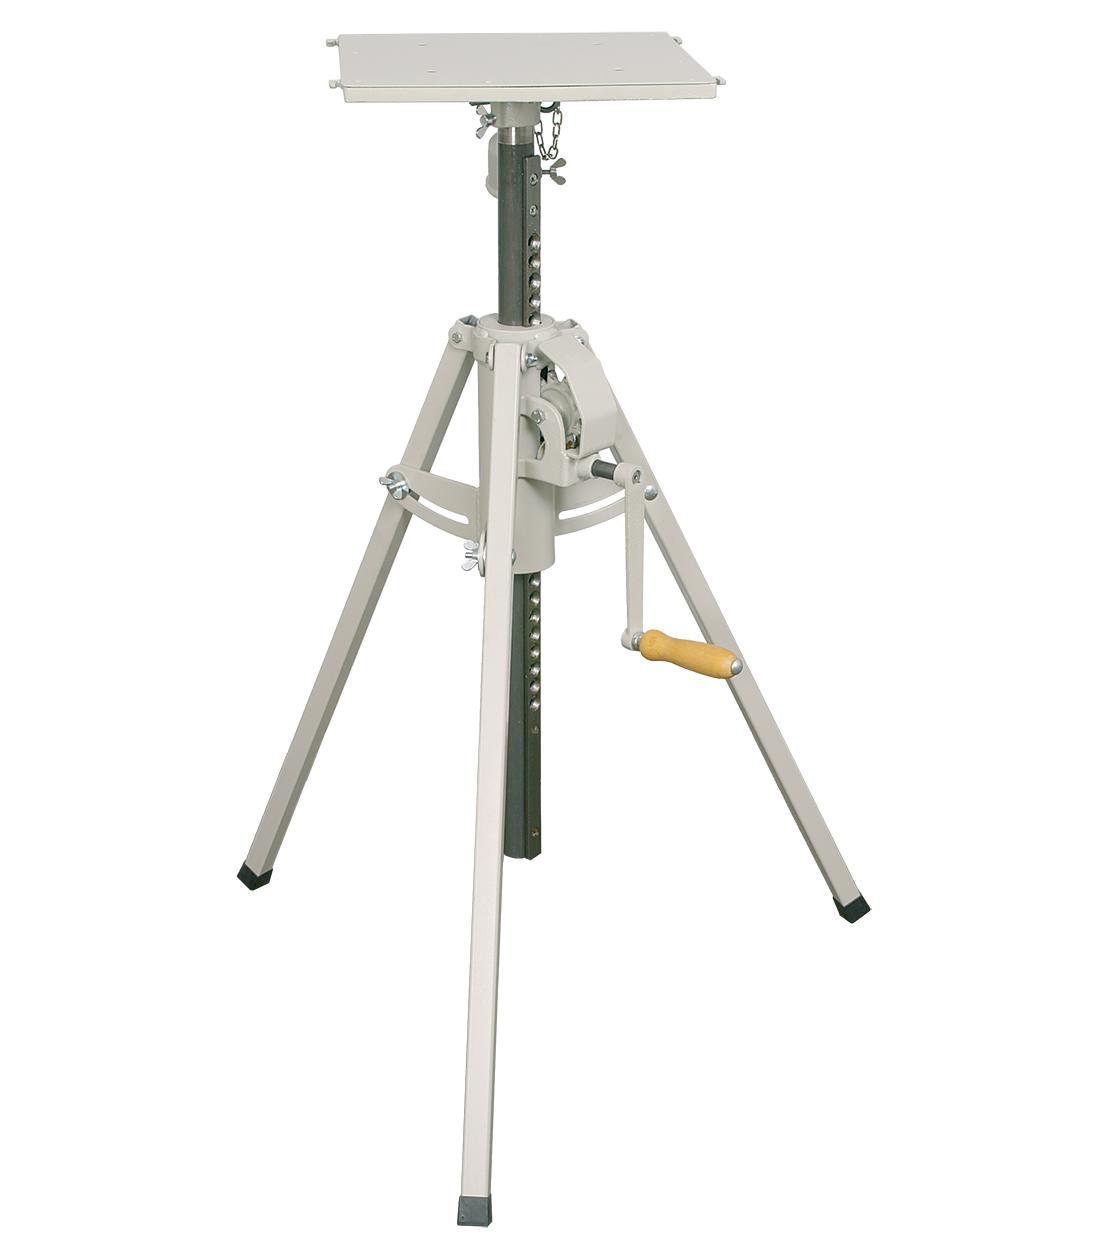 Modellier-Drehstuhl Leichtmodell